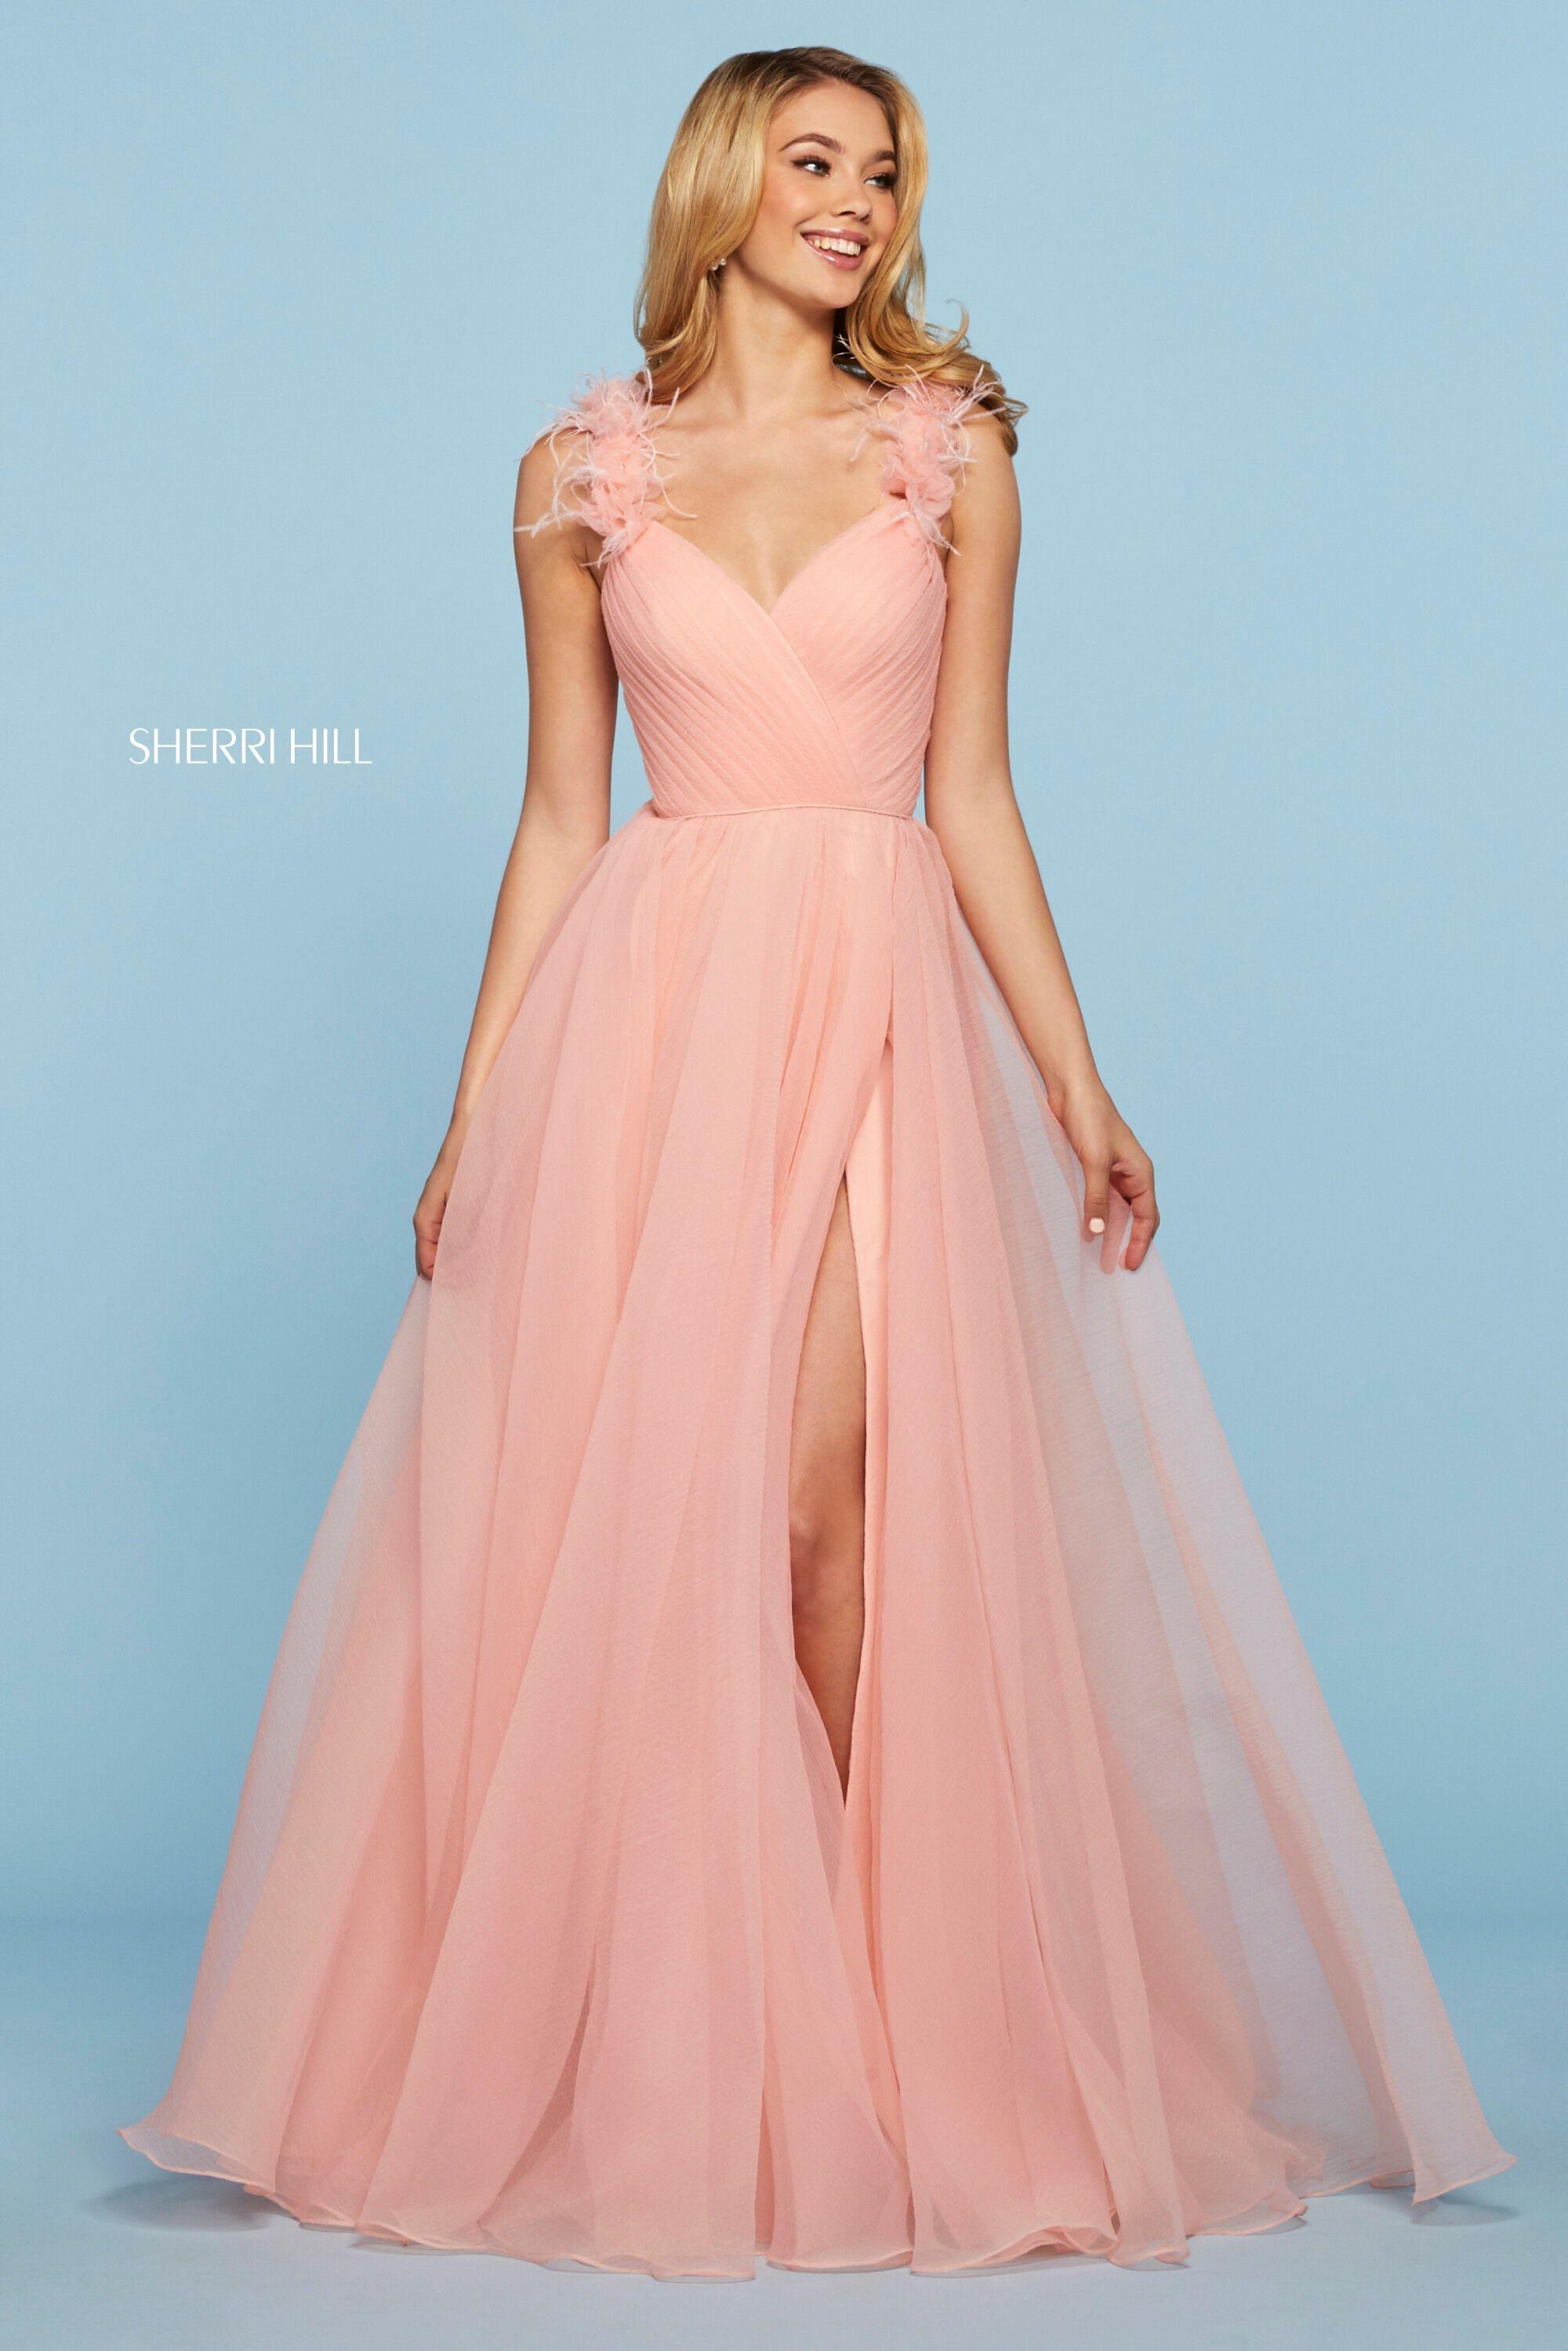 Buy dresses in Prom Dresses